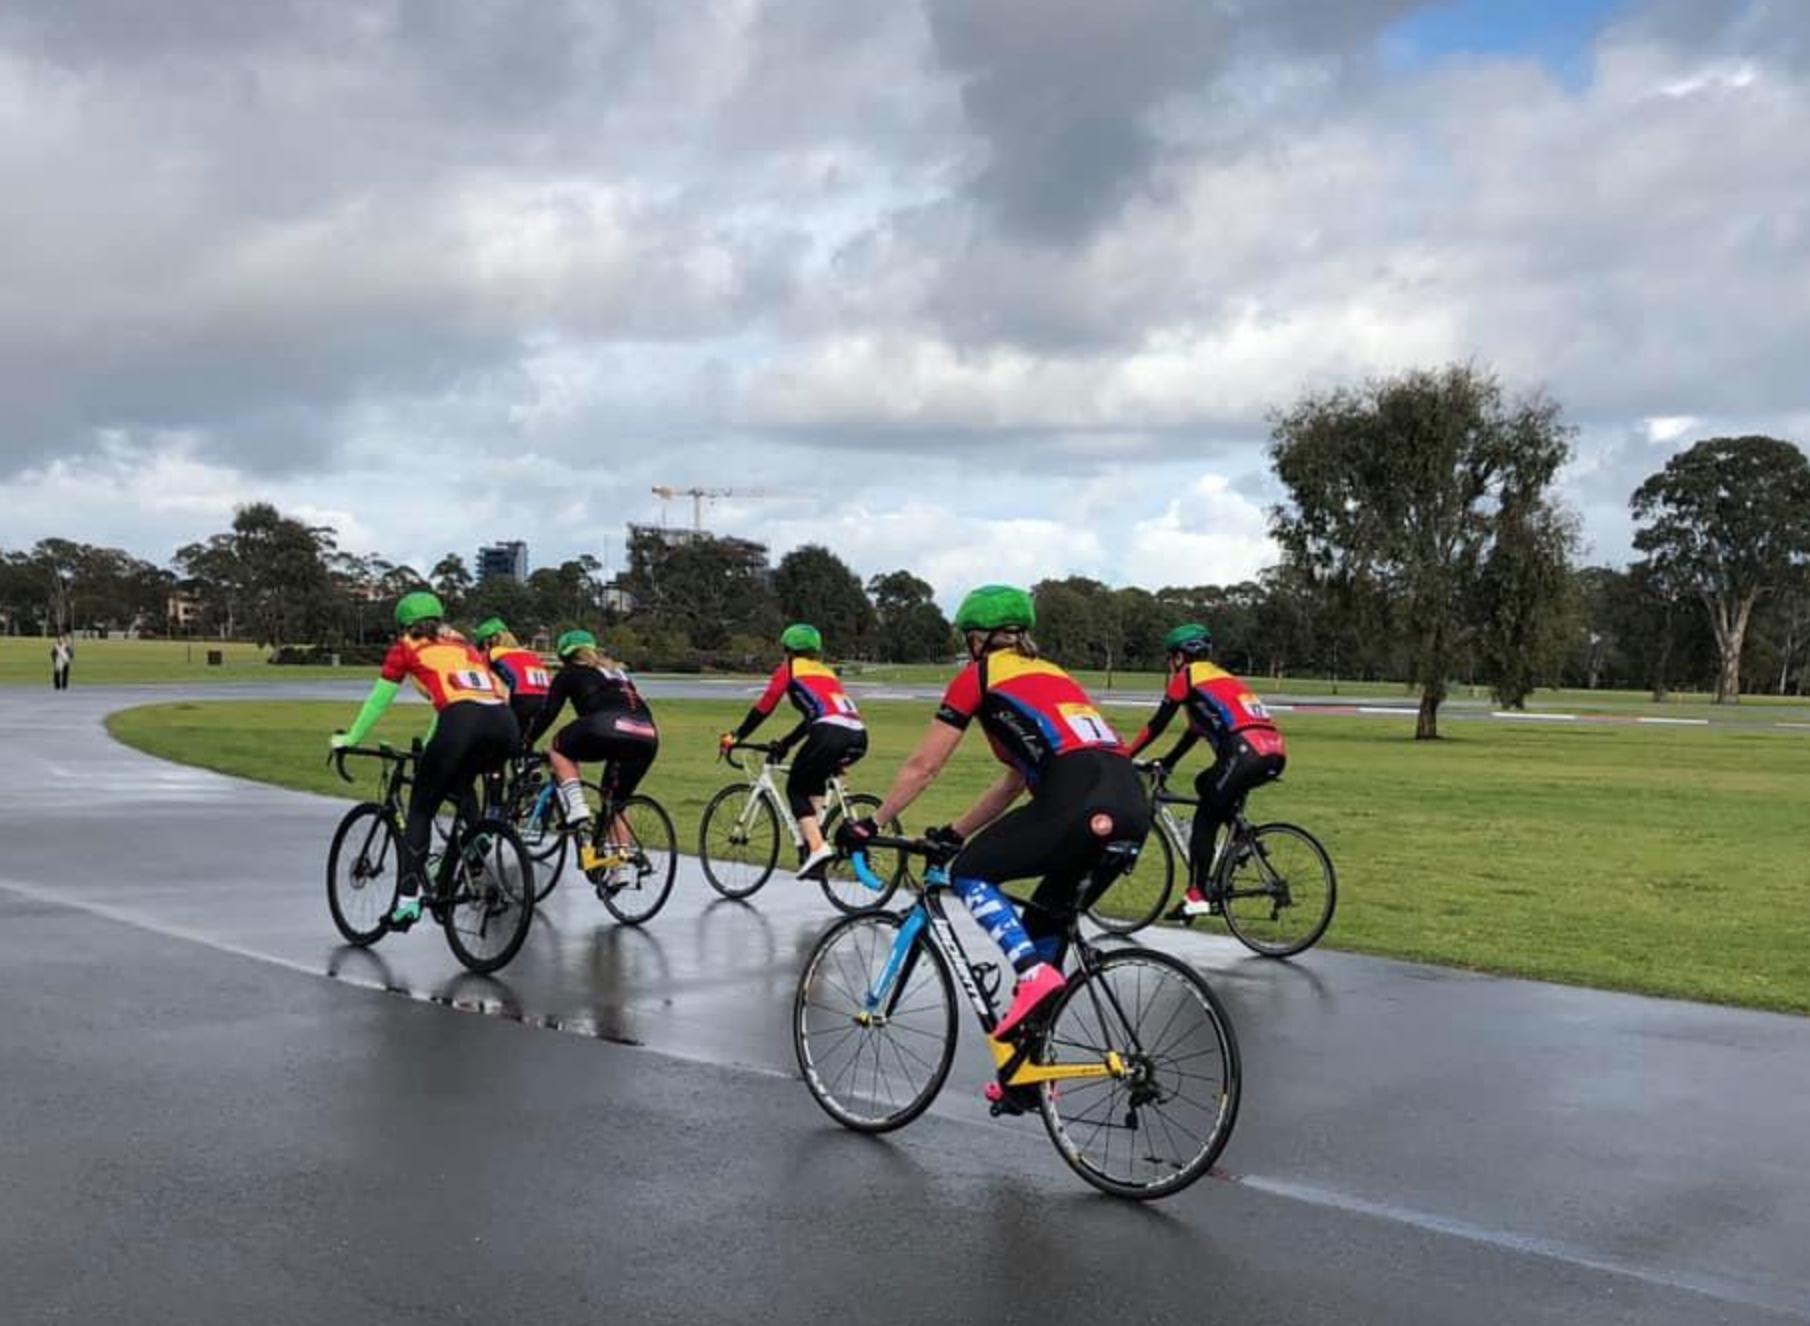 Wet Rides